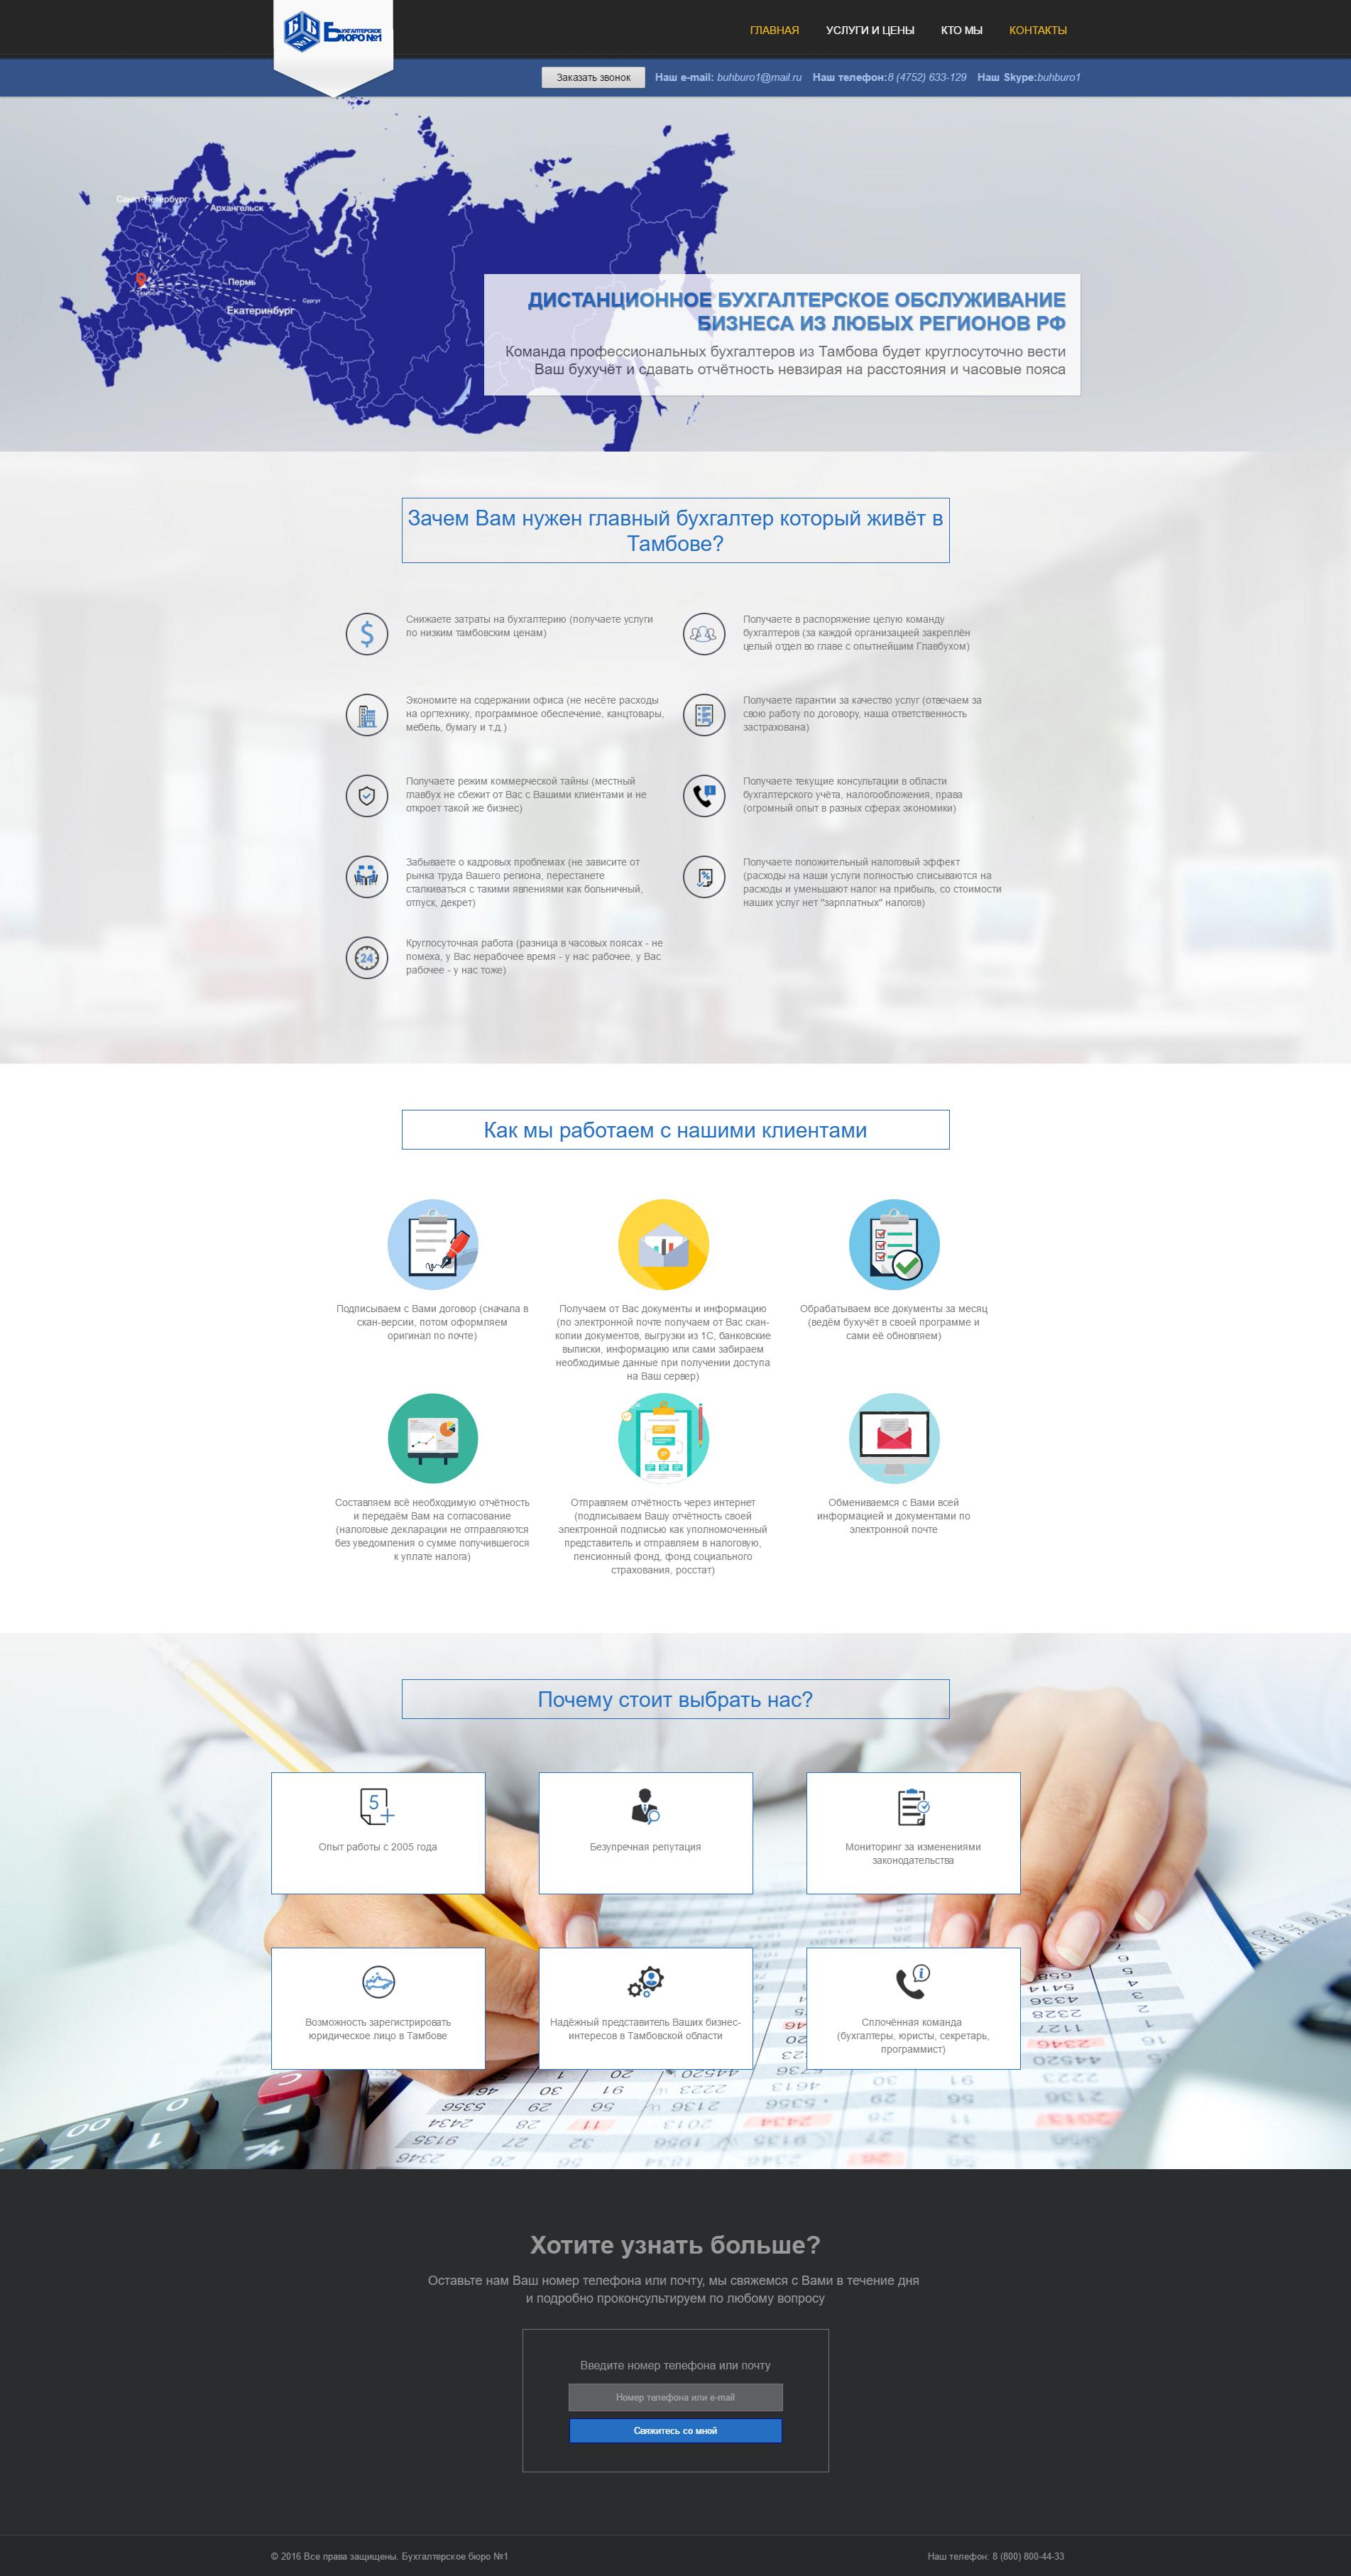 сайт по предоставлению бухгалтерских услуг